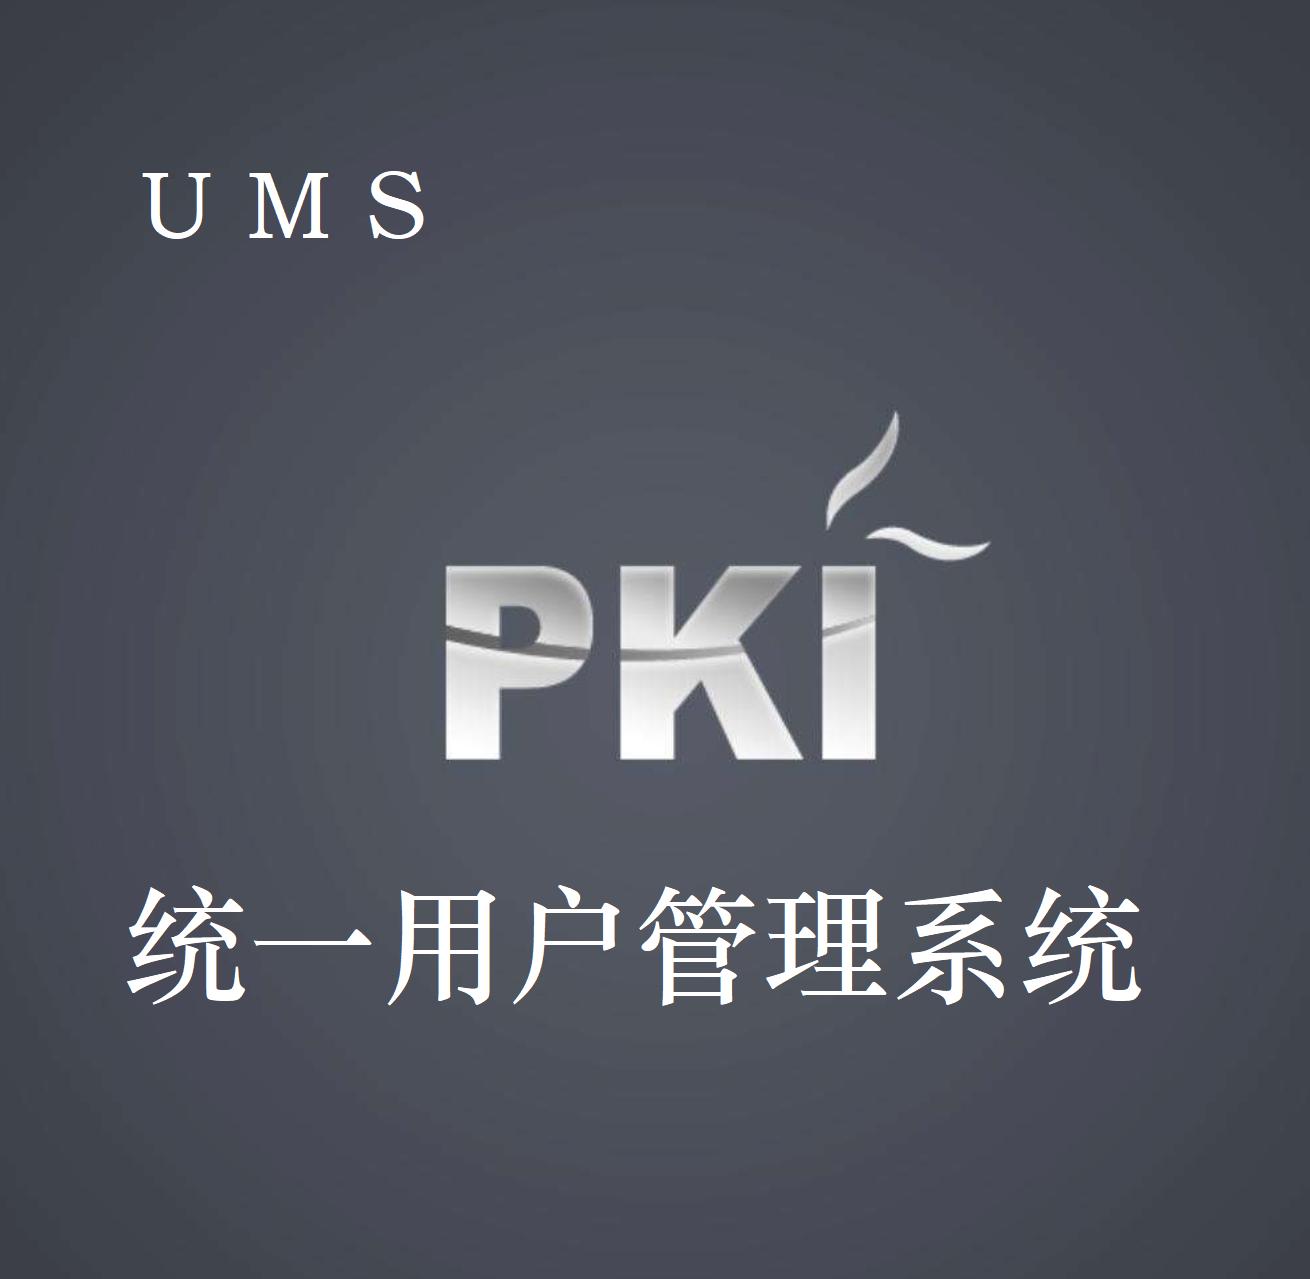 统一用户管理系统(UMS)